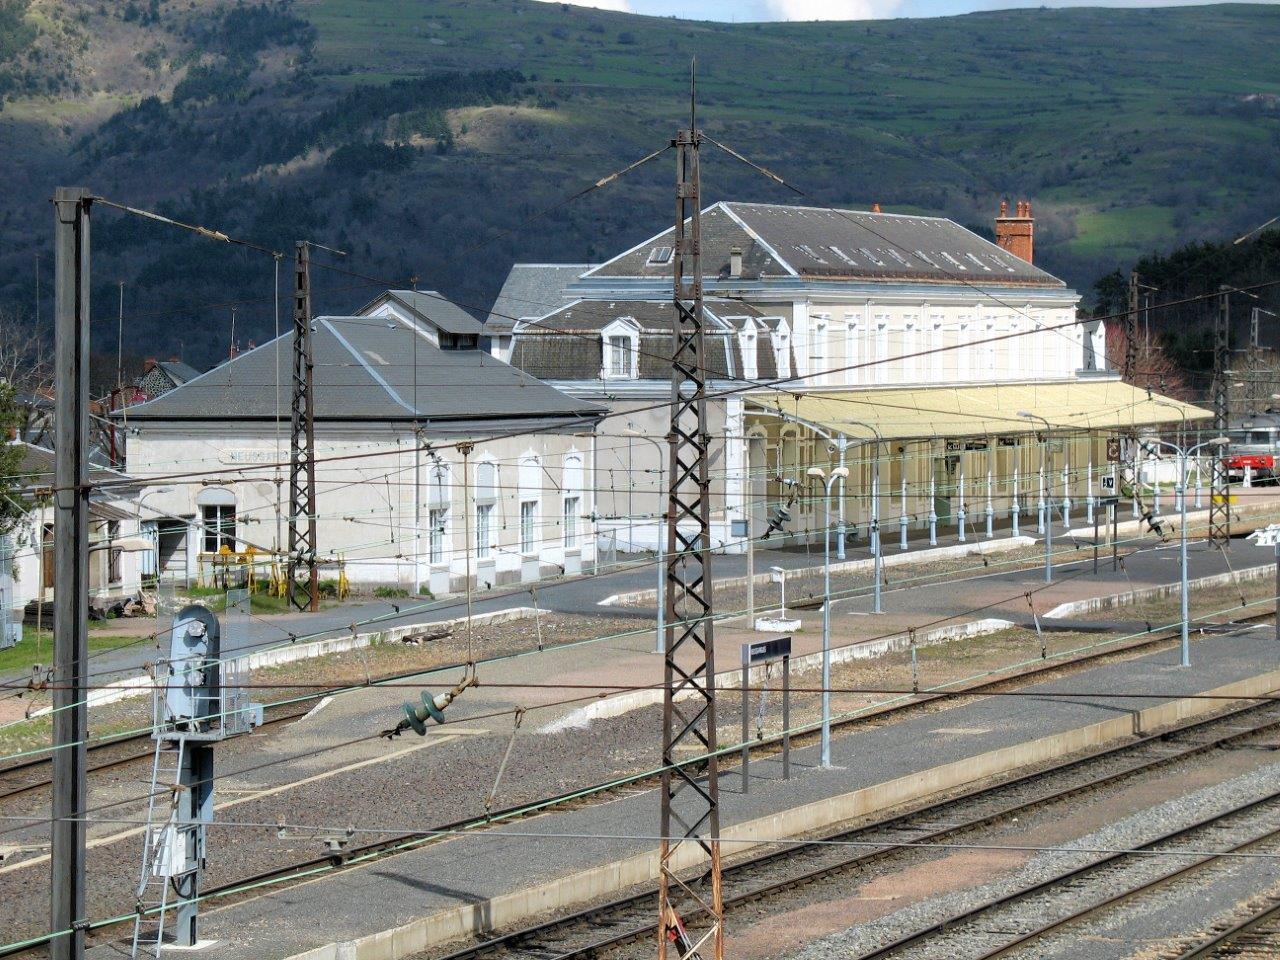 gare-de-neussargues-train-station